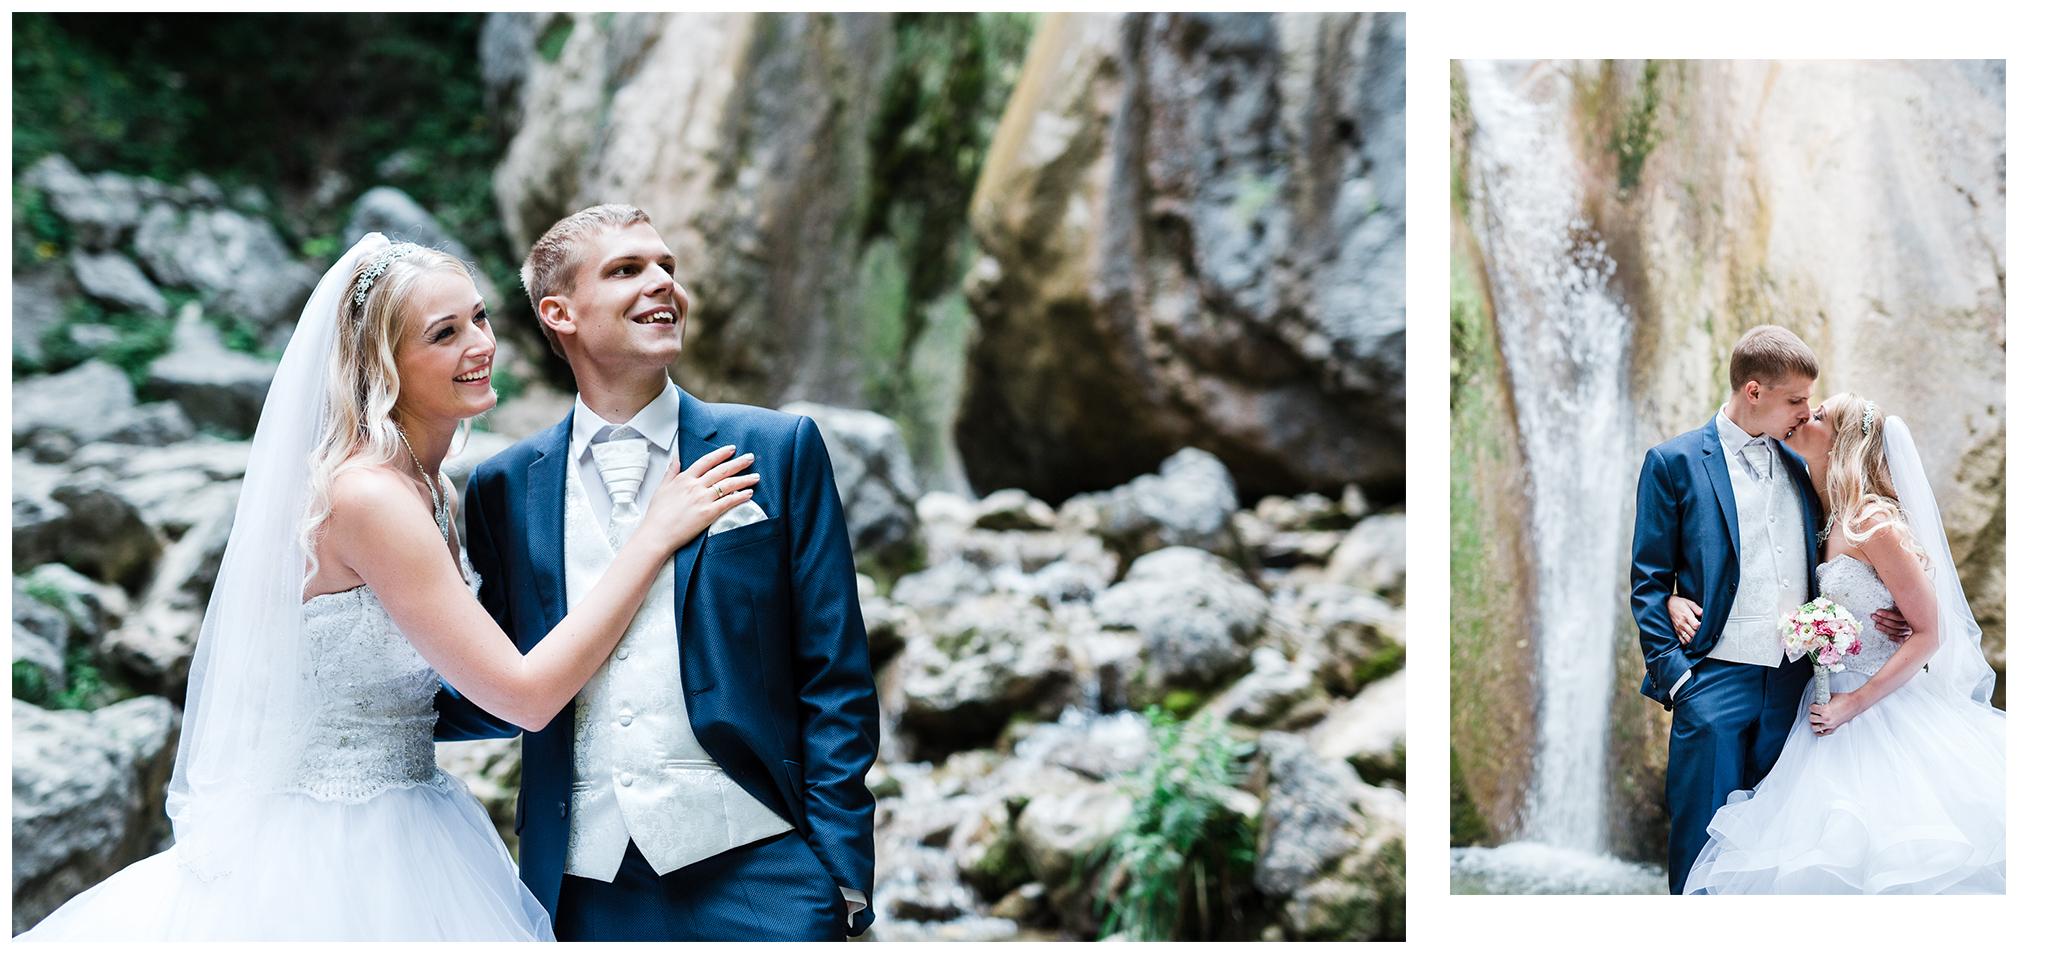 MONT_FylepPhoto, Esküvőfotós Vasmegye, Esküvő fotózás, Esküvői fotós, Körmend, Vas megye, Dunántúl, Budapest, Fülöp Péter, Jegyes fotózás, jegyes, kreatív, kreatívfotózás,Wien,Ausztira,Österreich,hochzeitsfotograf_Anita_Adam_18.jpg